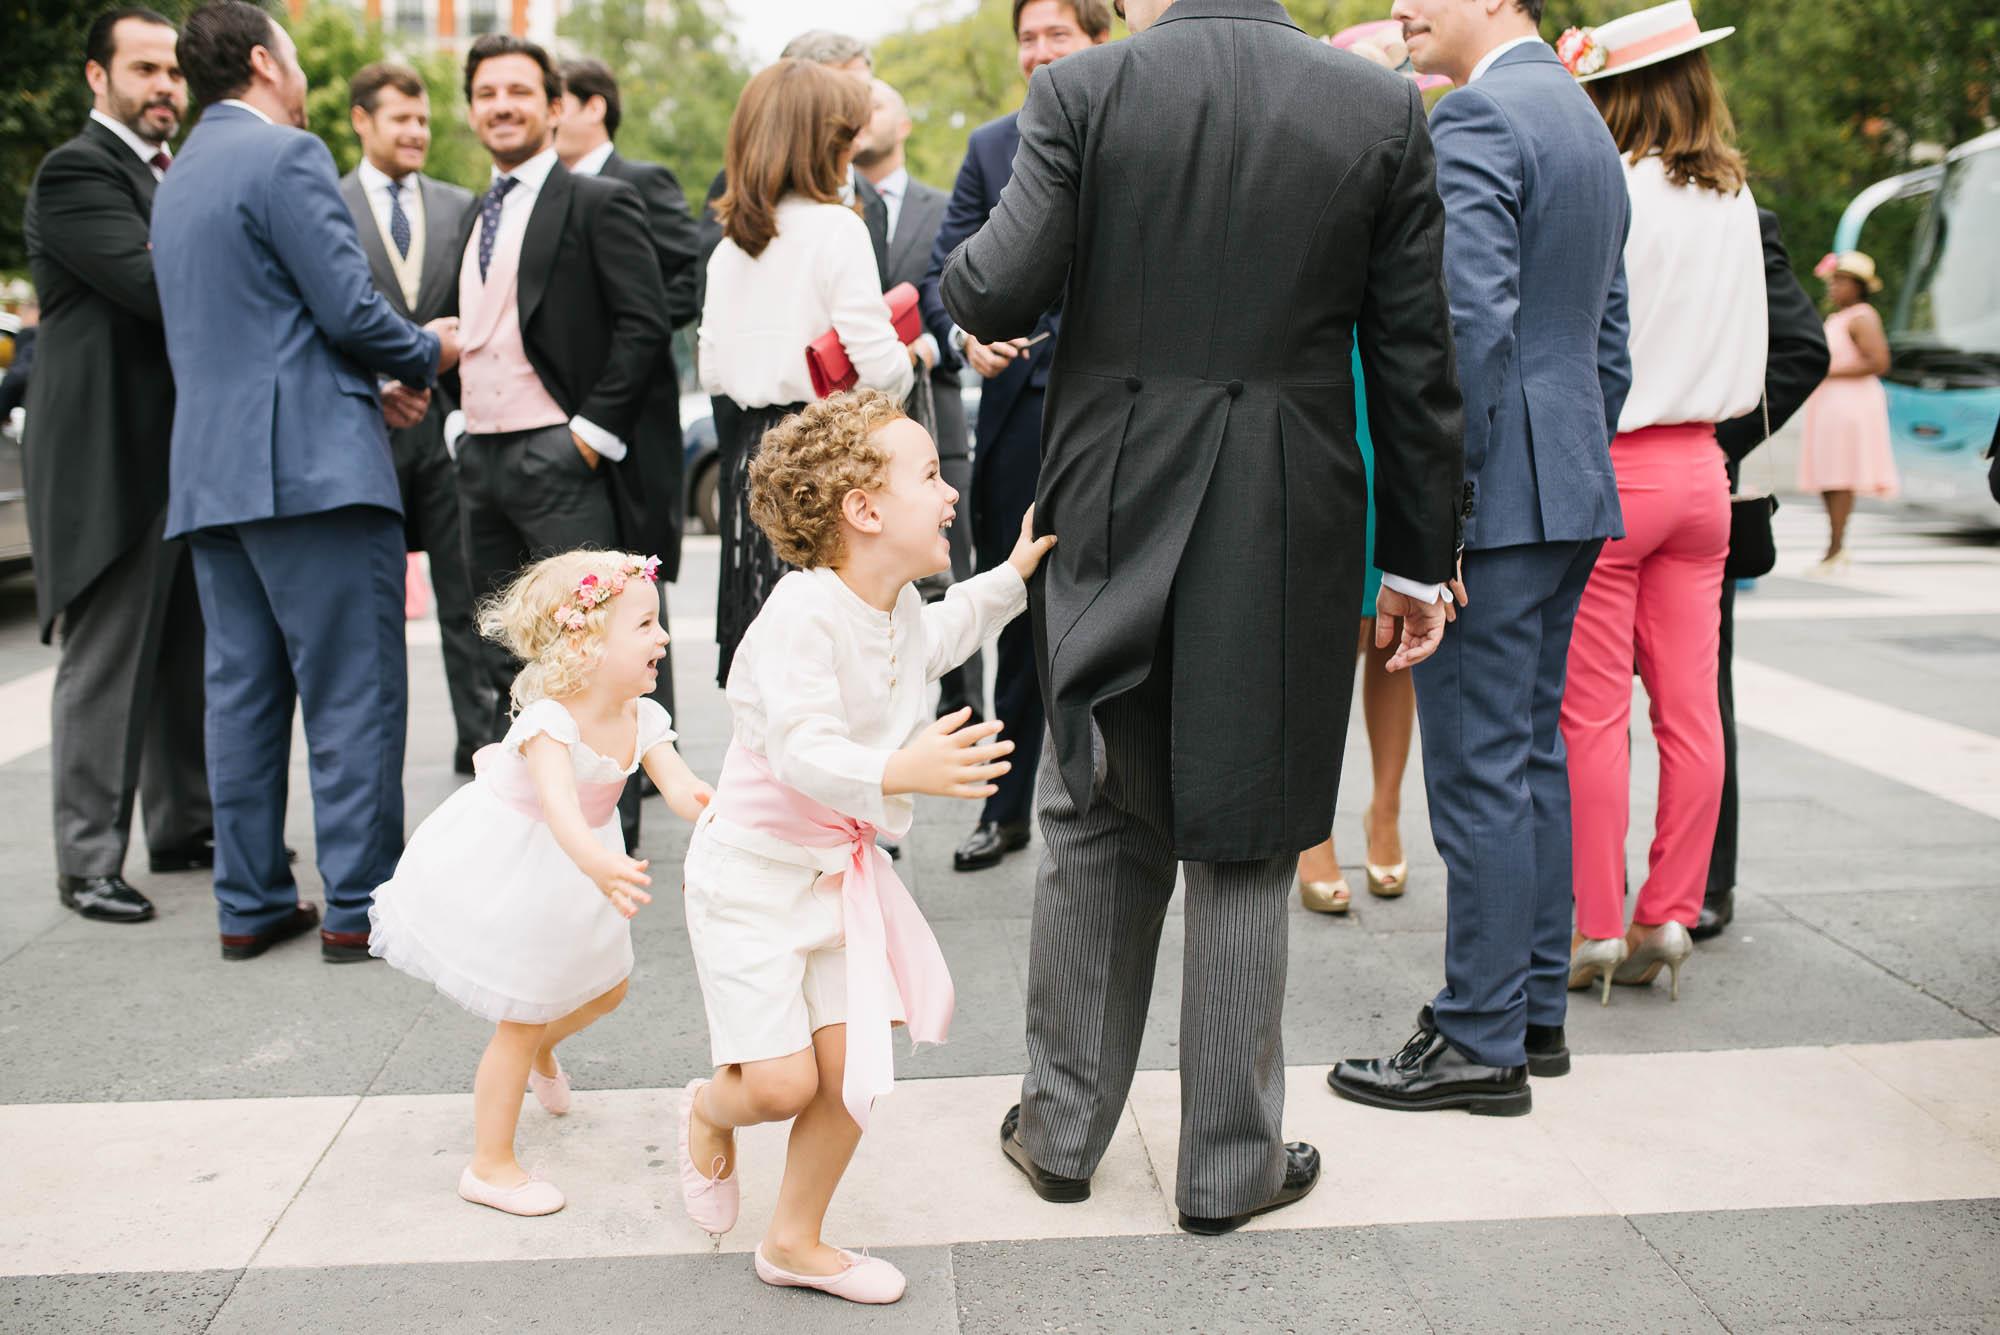 Niños jugando en la calle antes de la ceremonia